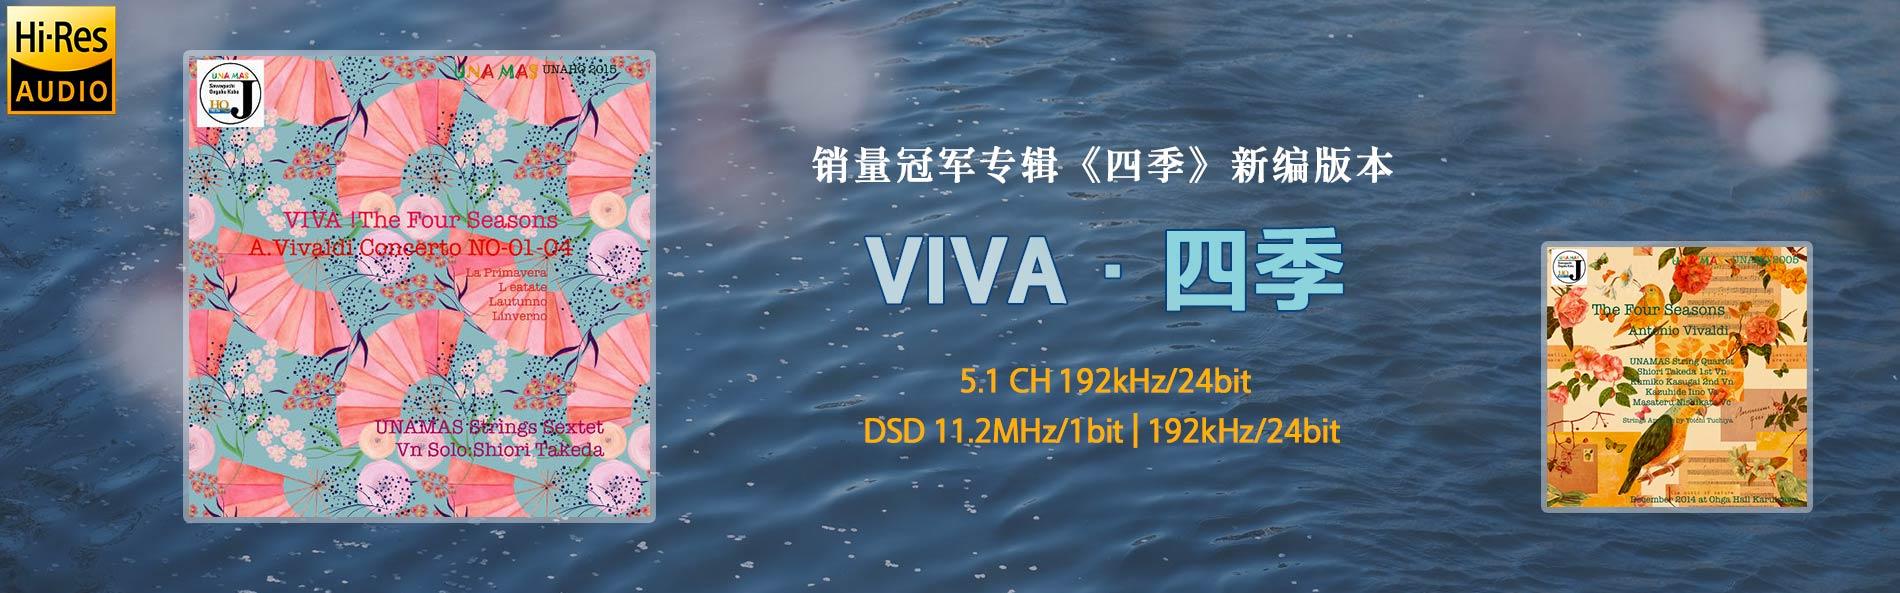 vivafourseason190829